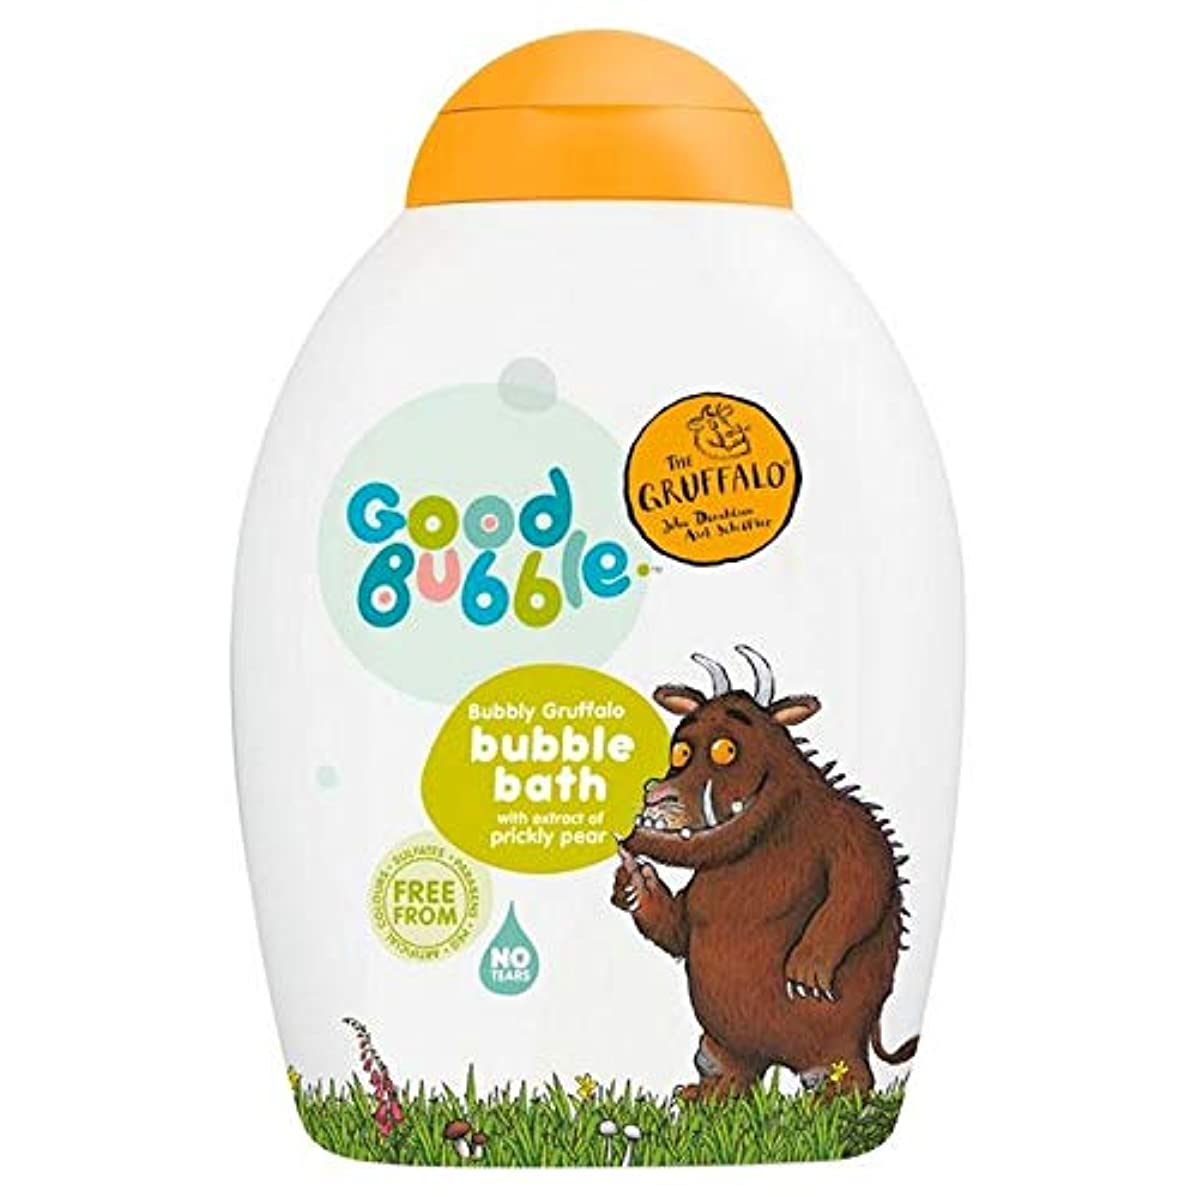 旅客音節と組む[Good Bubble ] ウチワサボテンエキス400ミリリットルとの良好なバブル快活Gruffaloの泡風呂 - Good Bubble Bubbly Gruffalo Bubble Bath with Prickly...